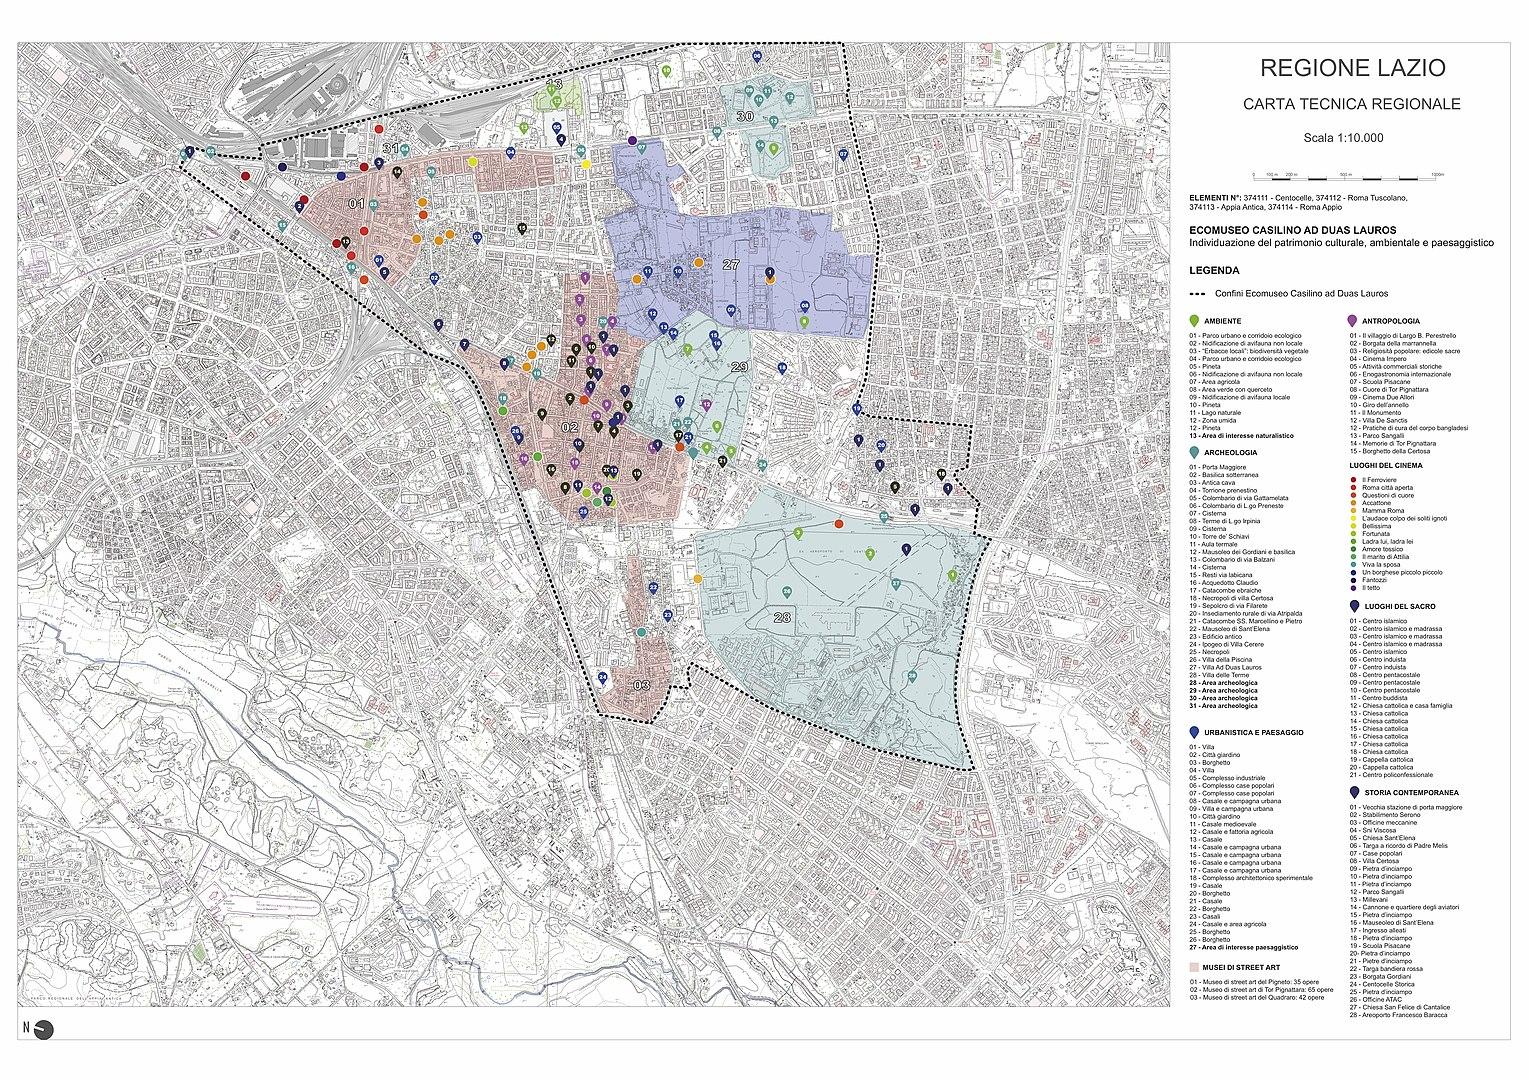 Cartografia con l'individuazione del patrimonio culturale, paesaggistico e ambientale